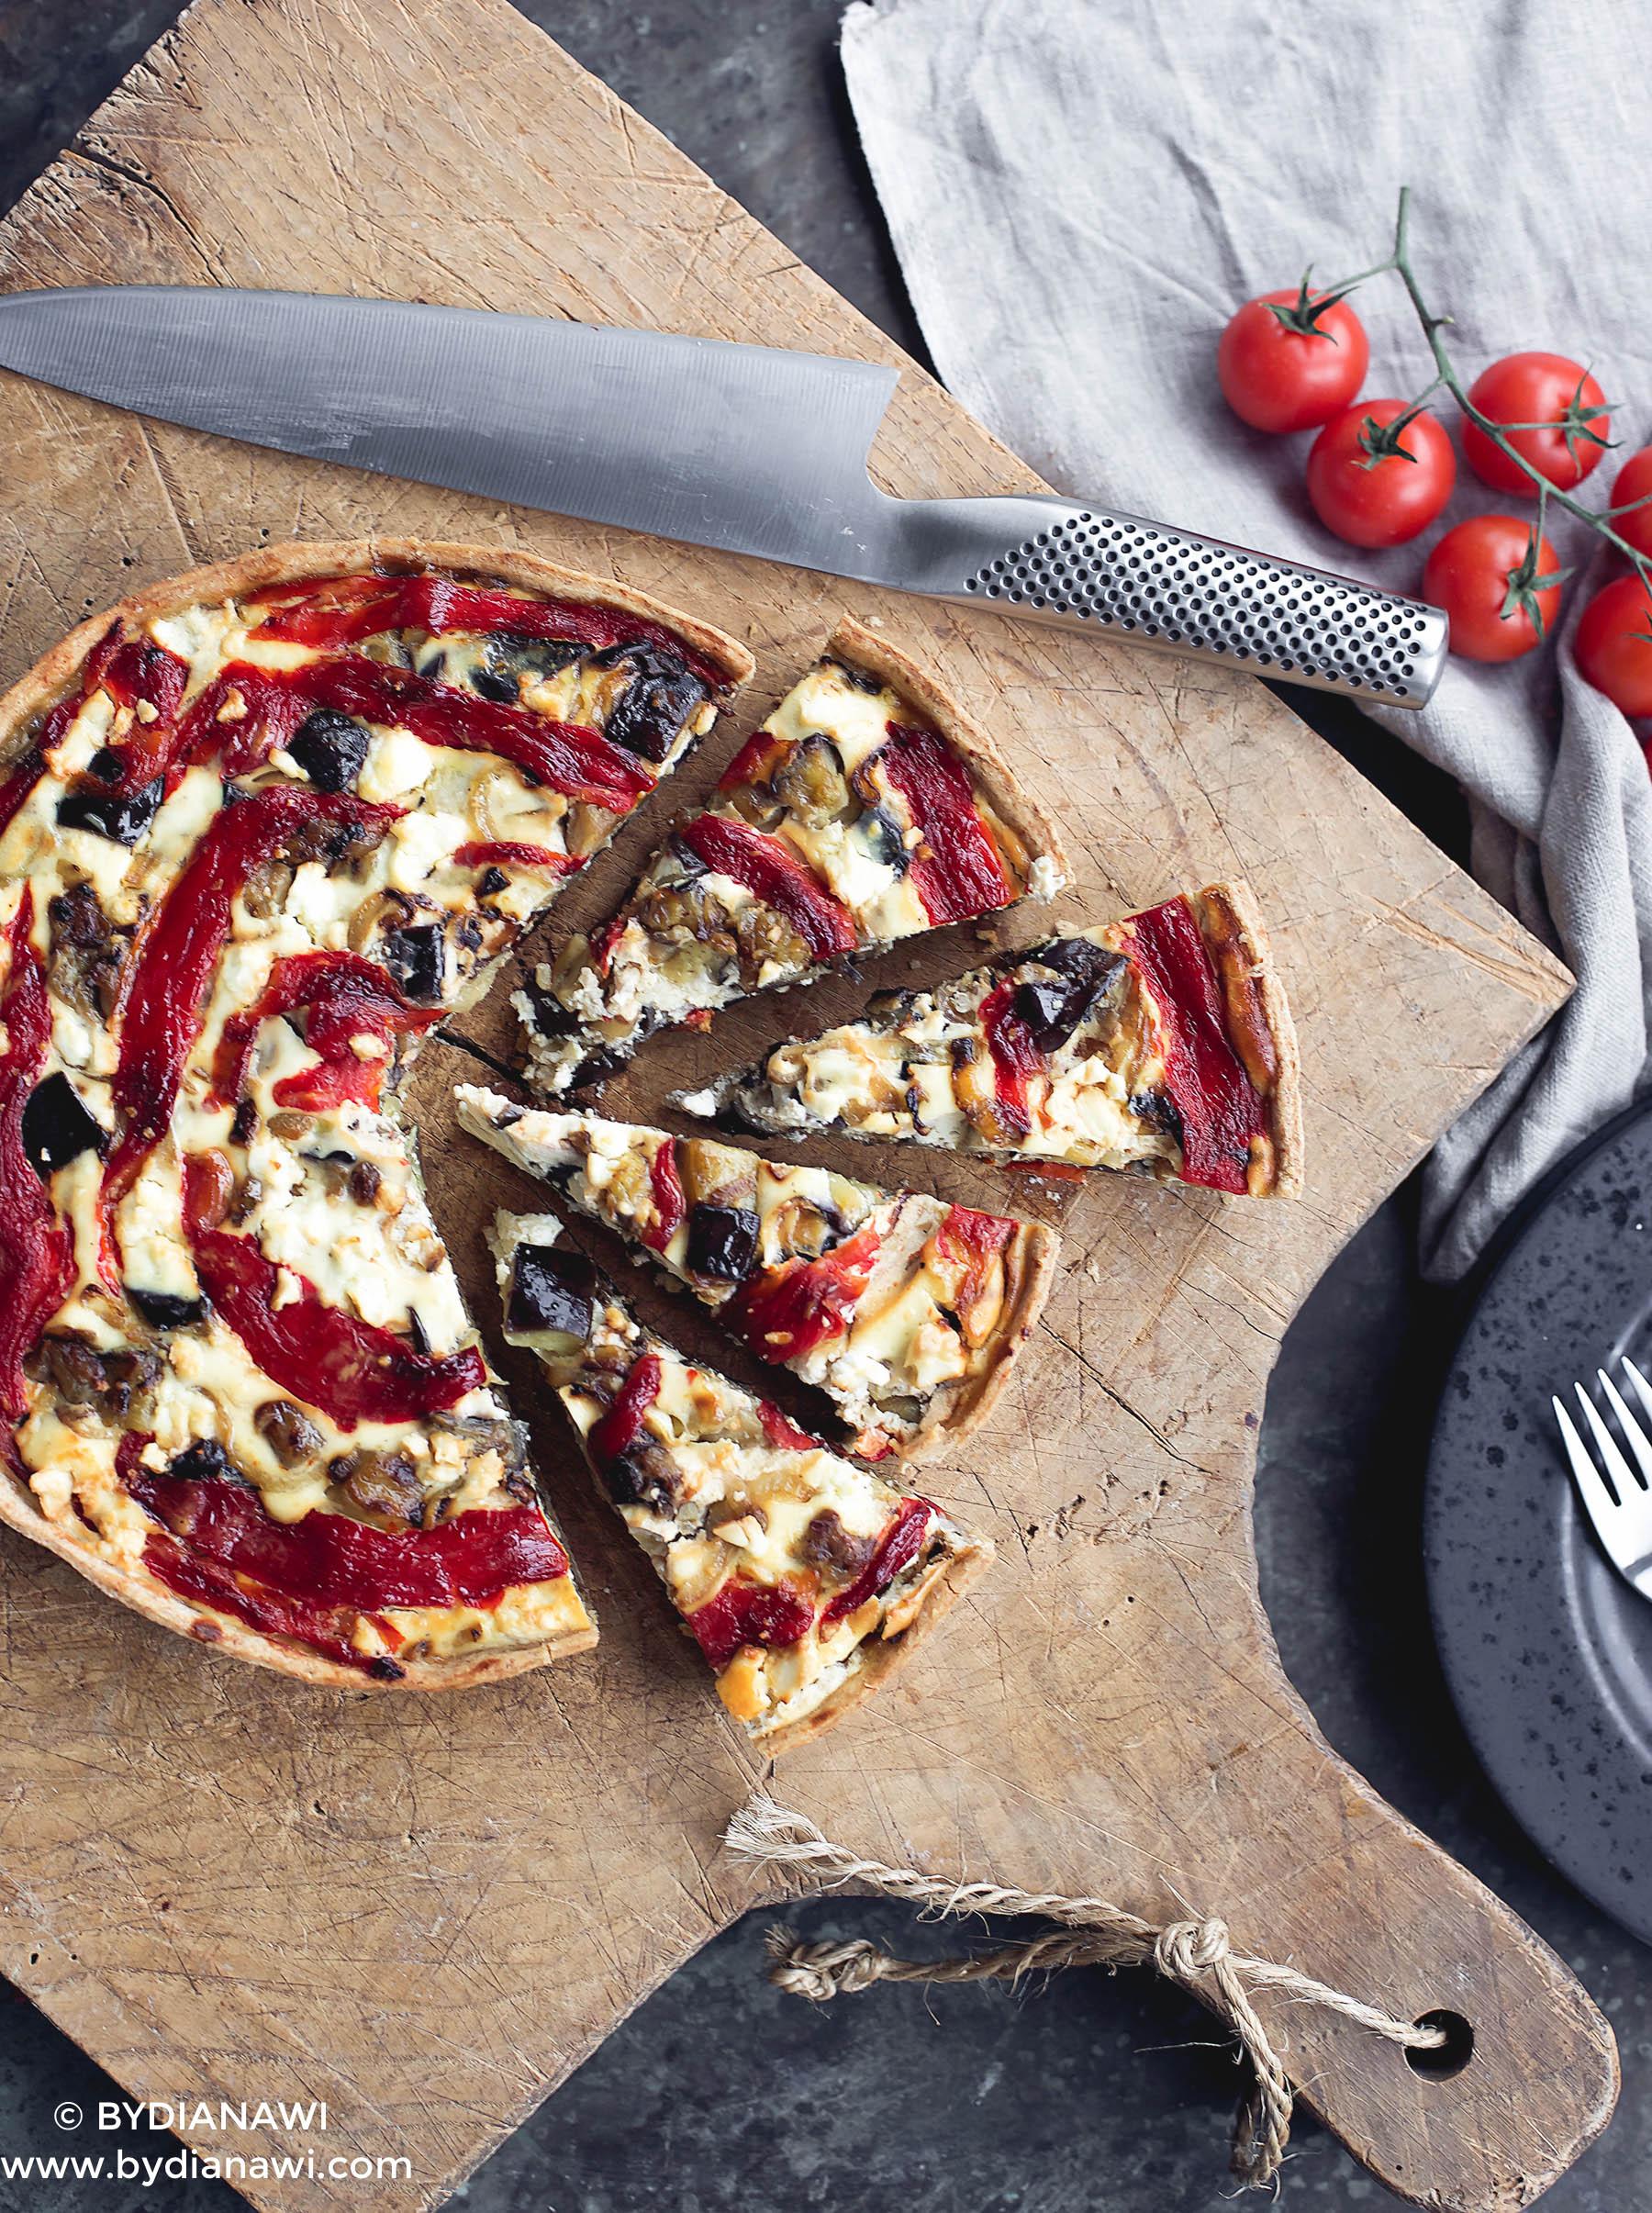 Auberginetærte med ricotta, grillet peberfrugt og hvidløg